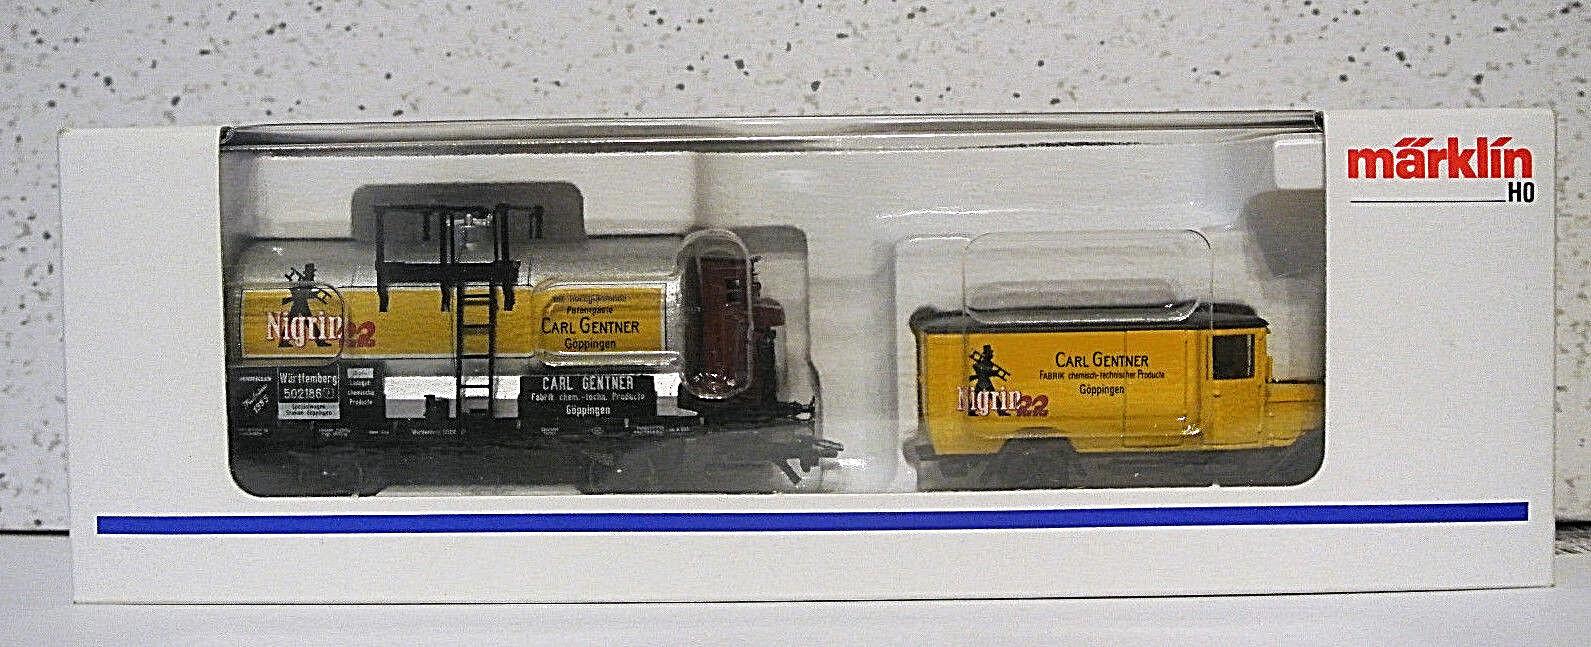 Con precio barato para obtener la mejor marca. Marklin HO 1995 conjunto de de de Museo Cochel Gentner nigril 22 Nuevo En Caja  Compra calidad 100% autentica